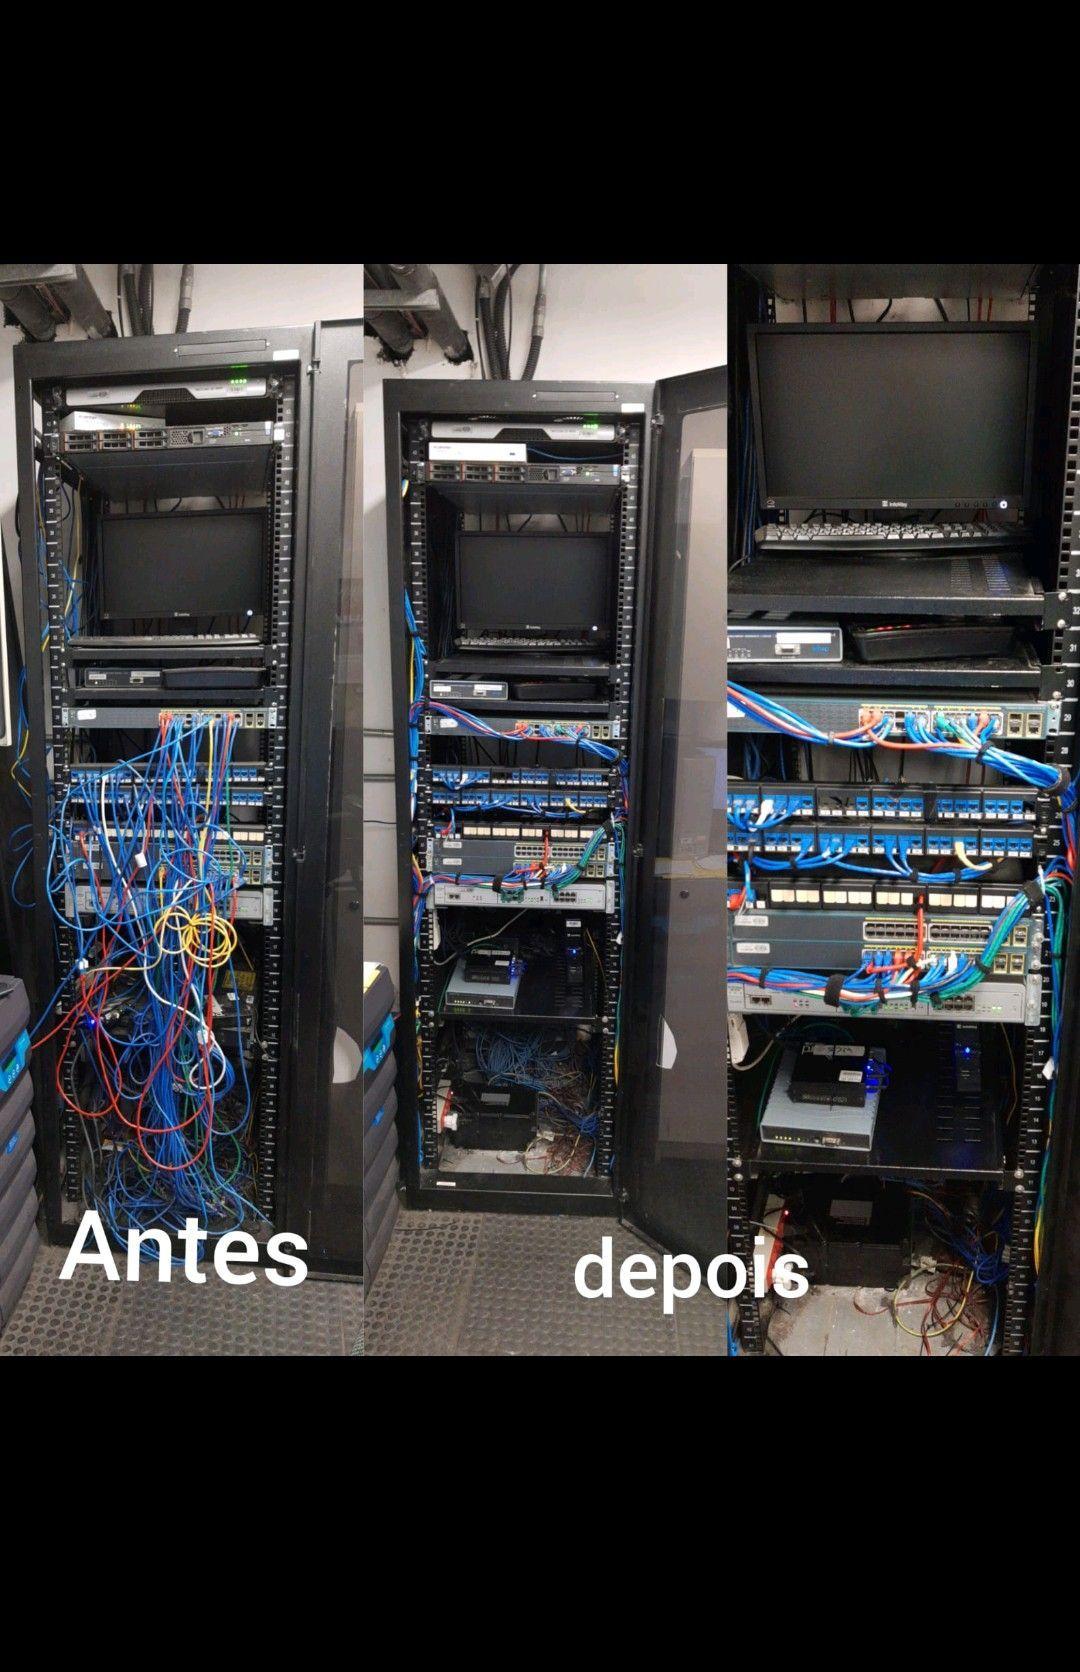 organização do rack